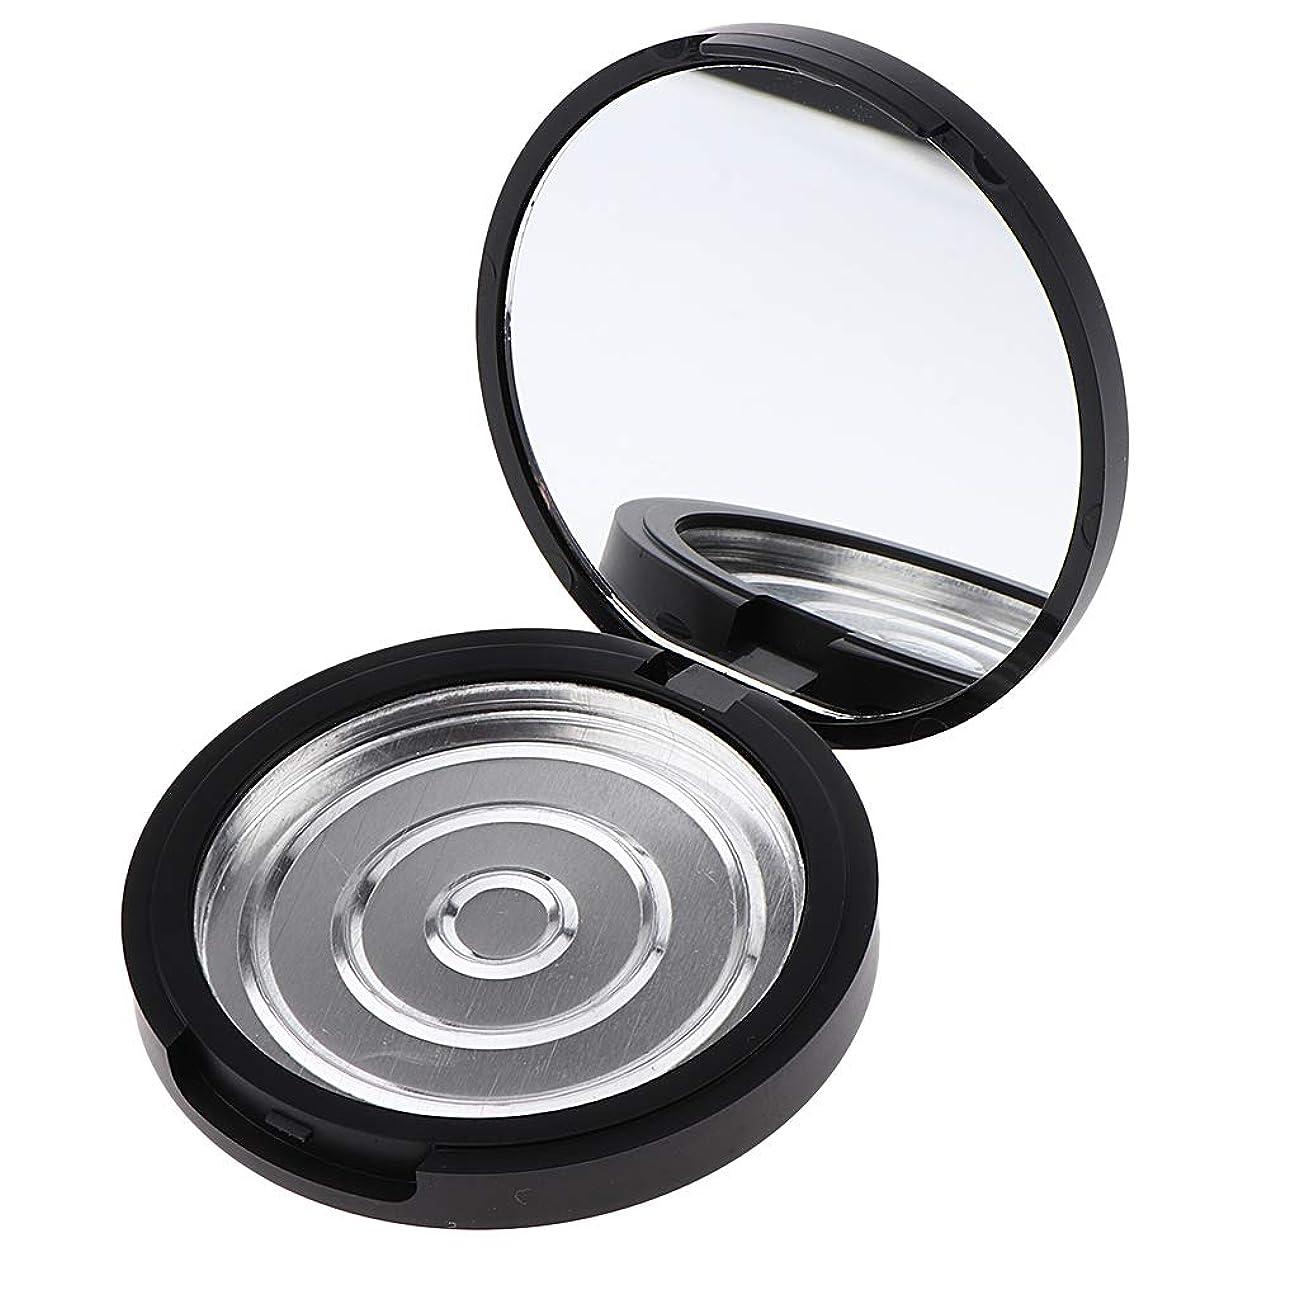 傷つきやすい首尾一貫した影響するP Prettyia パウダーケース 化粧鏡付き 手作りコスメ 収納ケース 小分け容器 3サイズ選べ - 高さ17mm